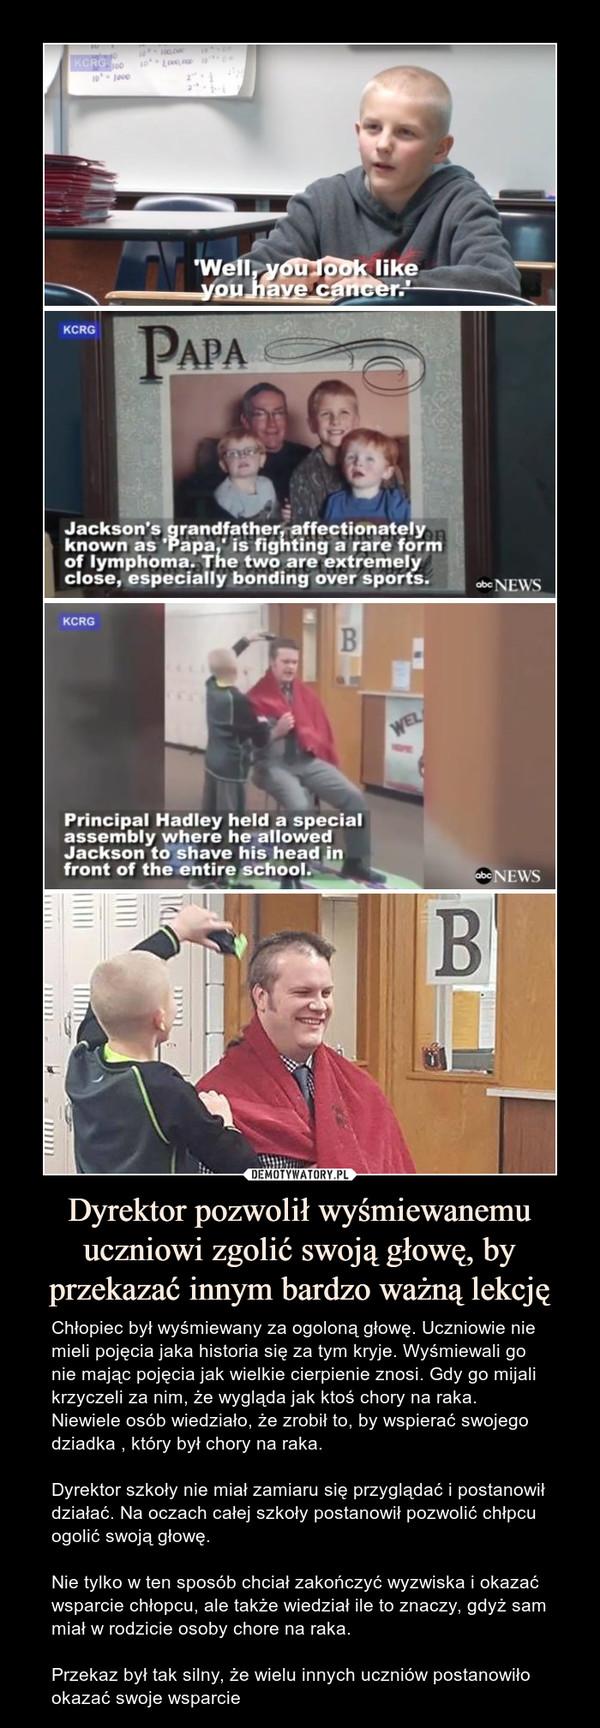 Dyrektor pozwolił wyśmiewanemu uczniowi zgolić swoją głowę, by przekazać innym bardzo ważną lekcję – Chłopiec był wyśmiewany za ogoloną głowę. Uczniowie nie mieli pojęcia jaka historia się za tym kryje. Wyśmiewali go nie mając pojęcia jak wielkie cierpienie znosi. Gdy go mijali krzyczeli za nim, że wygląda jak ktoś chory na raka. Niewiele osób wiedziało, że zrobił to, by wspierać swojego dziadka , który był chory na raka.Dyrektor szkoły nie miał zamiaru się przyglądać i postanowił działać. Na oczach całej szkoły postanowił pozwolić chłpcu ogolić swoją głowę.Nie tylko w ten sposób chciał zakończyć wyzwiska i okazać wsparcie chłopcu, ale także wiedział ile to znaczy, gdyż sam miał w rodzicie osoby chore na raka. Przekaz był tak silny, że wielu innych uczniów postanowiło okazać swoje wsparcie